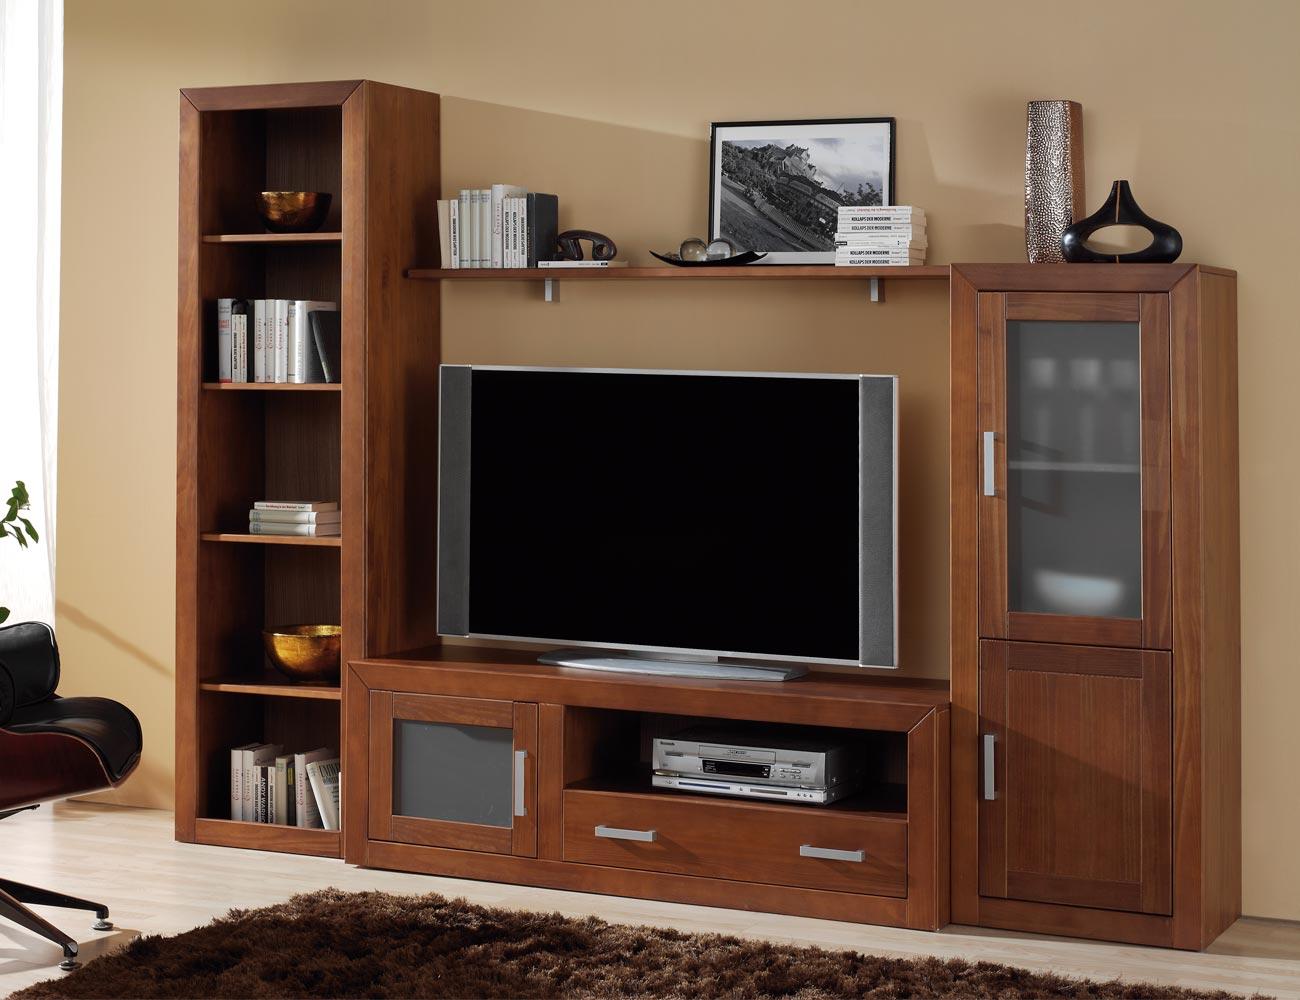 Ambiente12 mueble salon comedor bodeguero tv  estanteria nogal